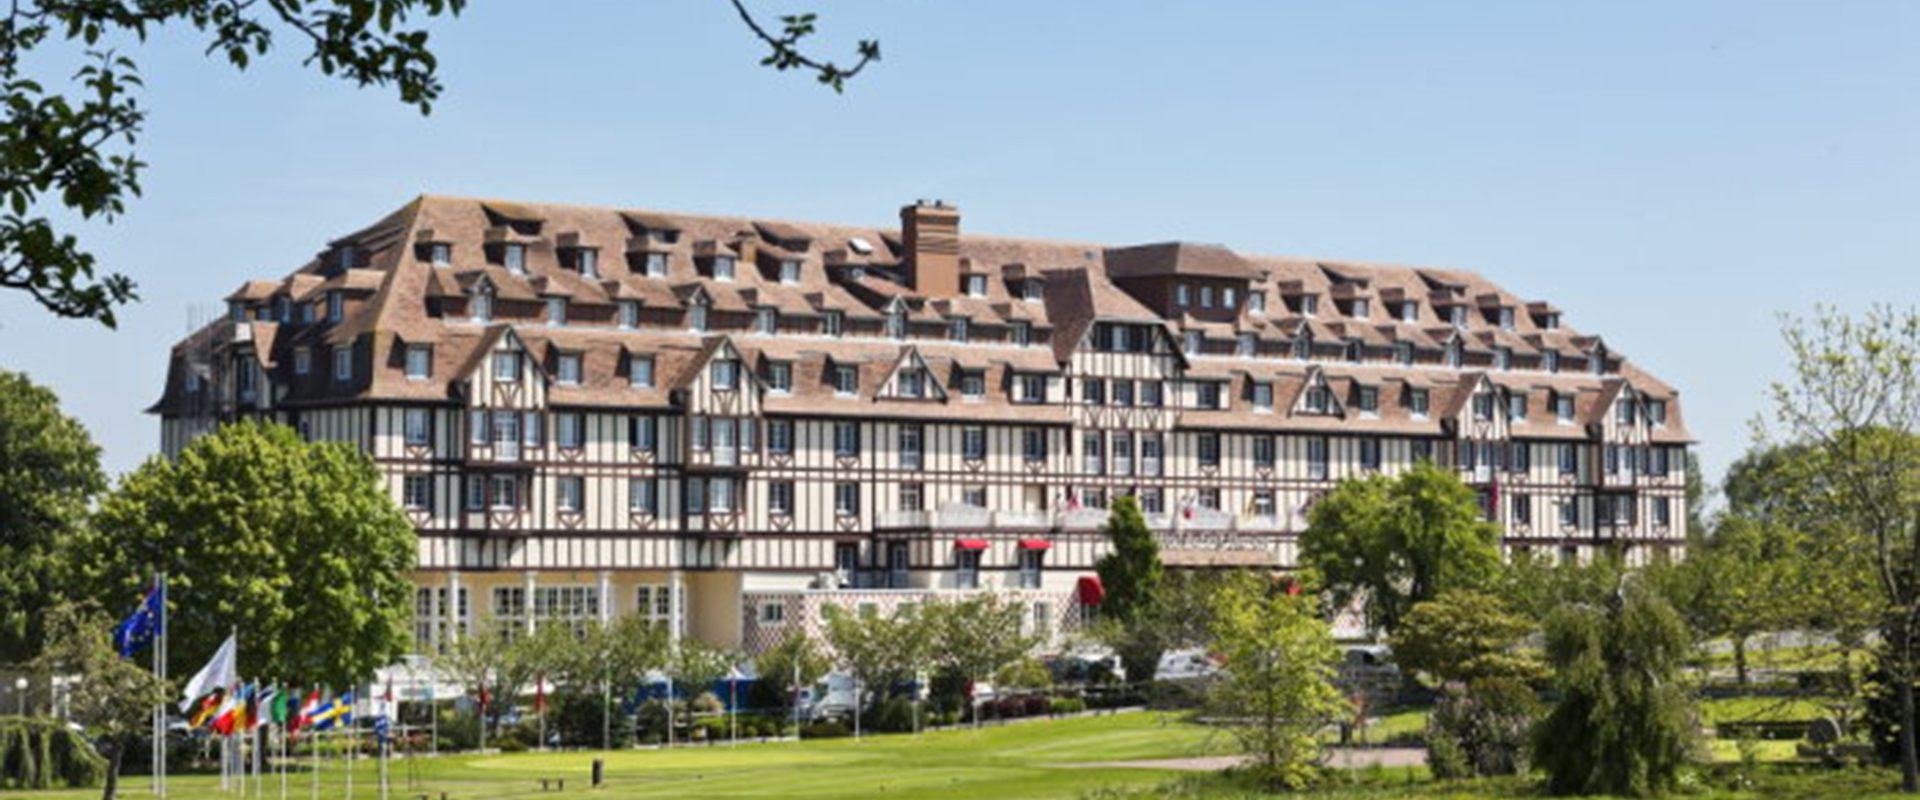 Deauville 7 - Top-DRH Deauville - convention professionnelle